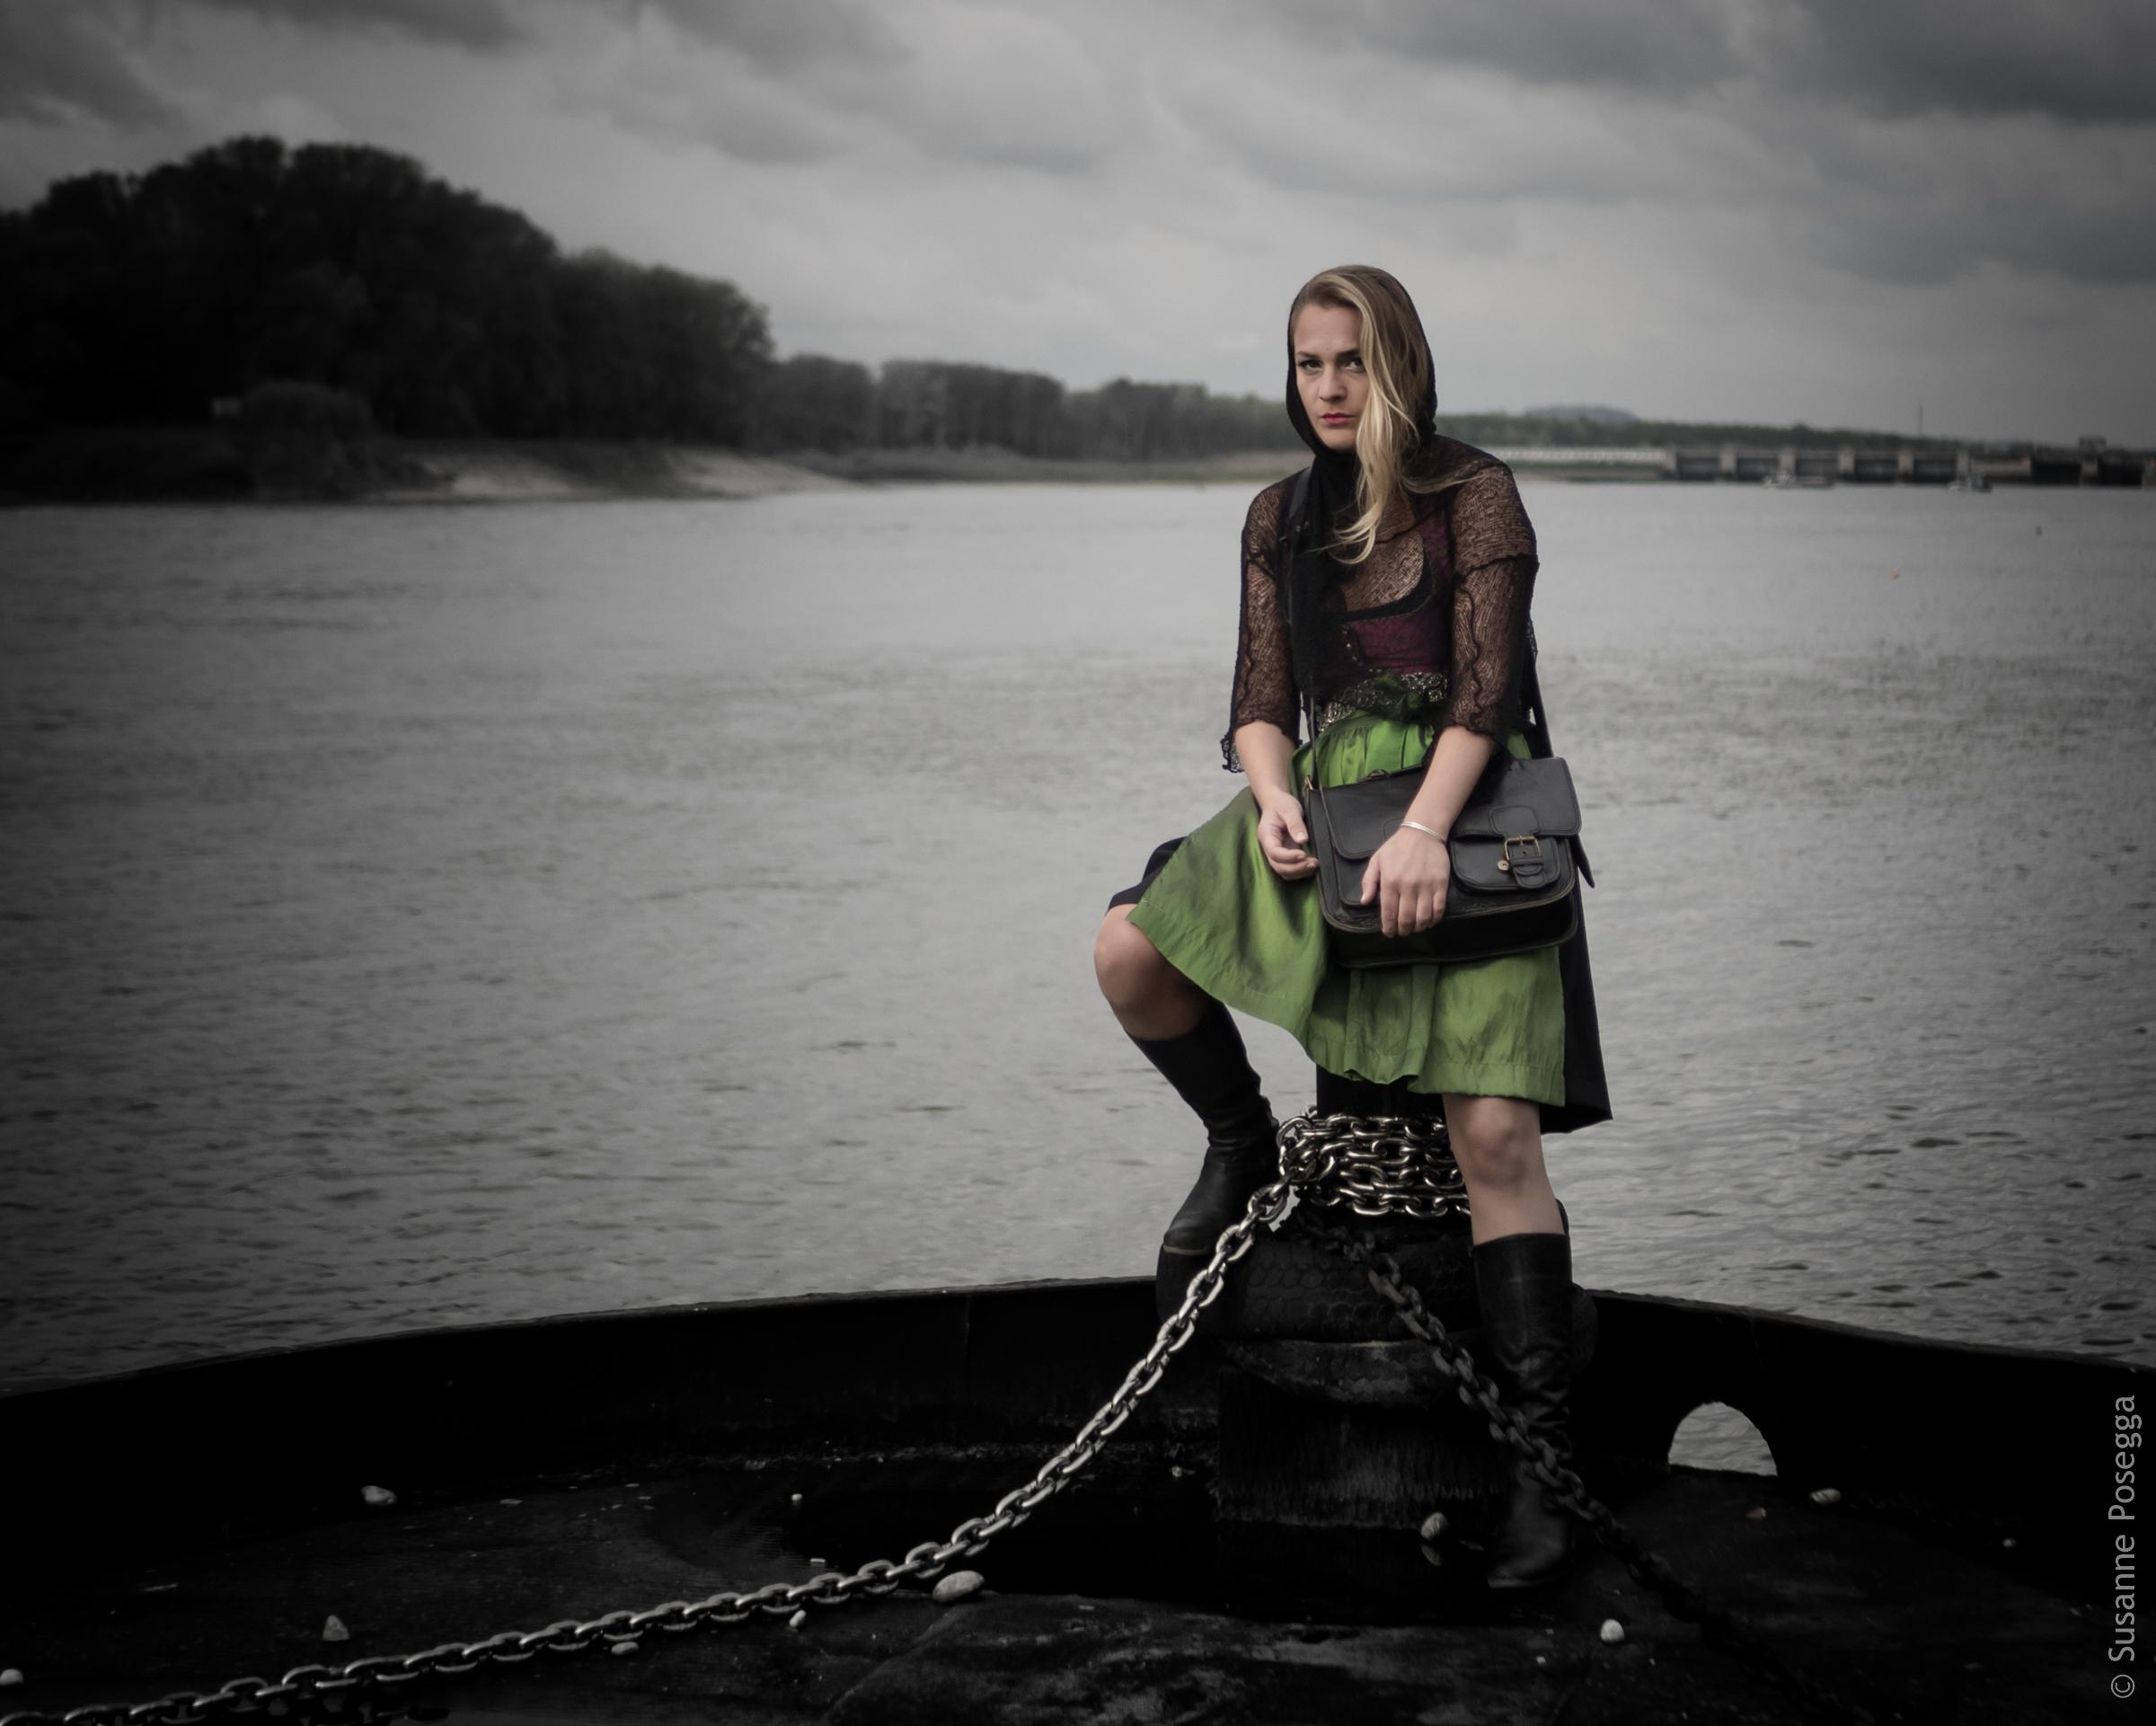 Model in Dirndl auf einem Schiff am Wasser. Düstere Stimmung im Hintergrund